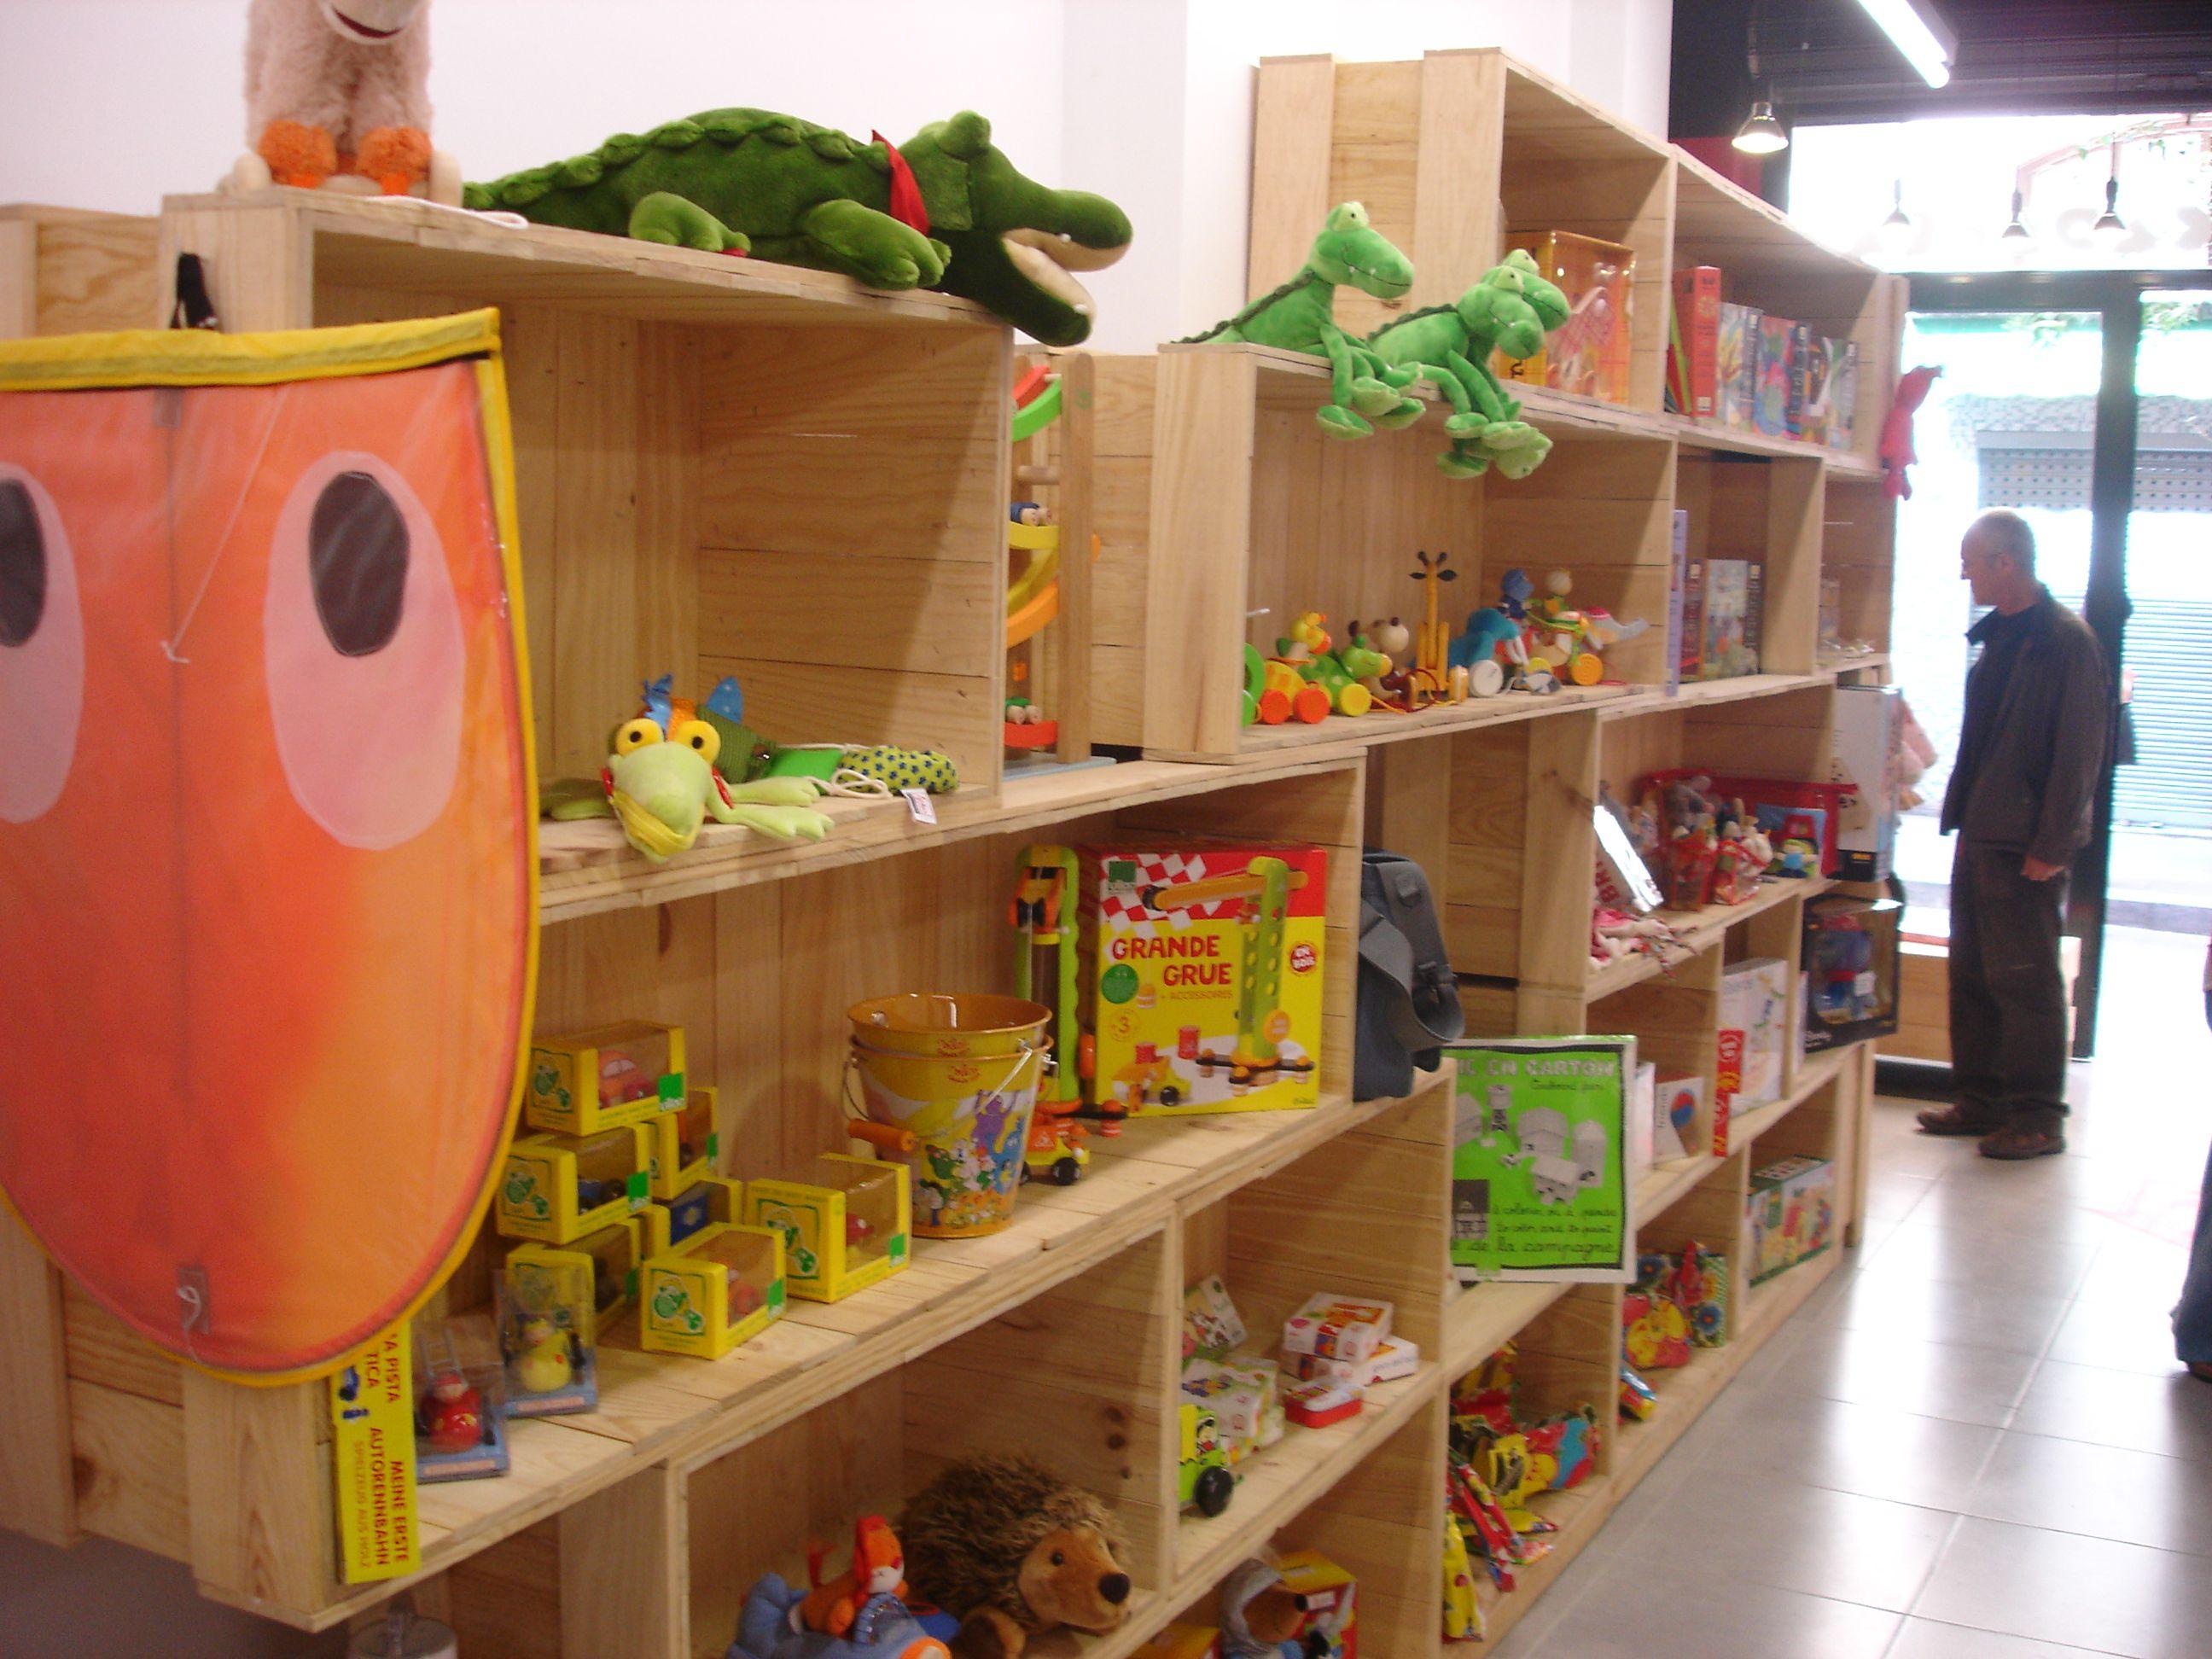 Estanterias hechas con cajas de madera mostradores y - Cajas para estanterias ...